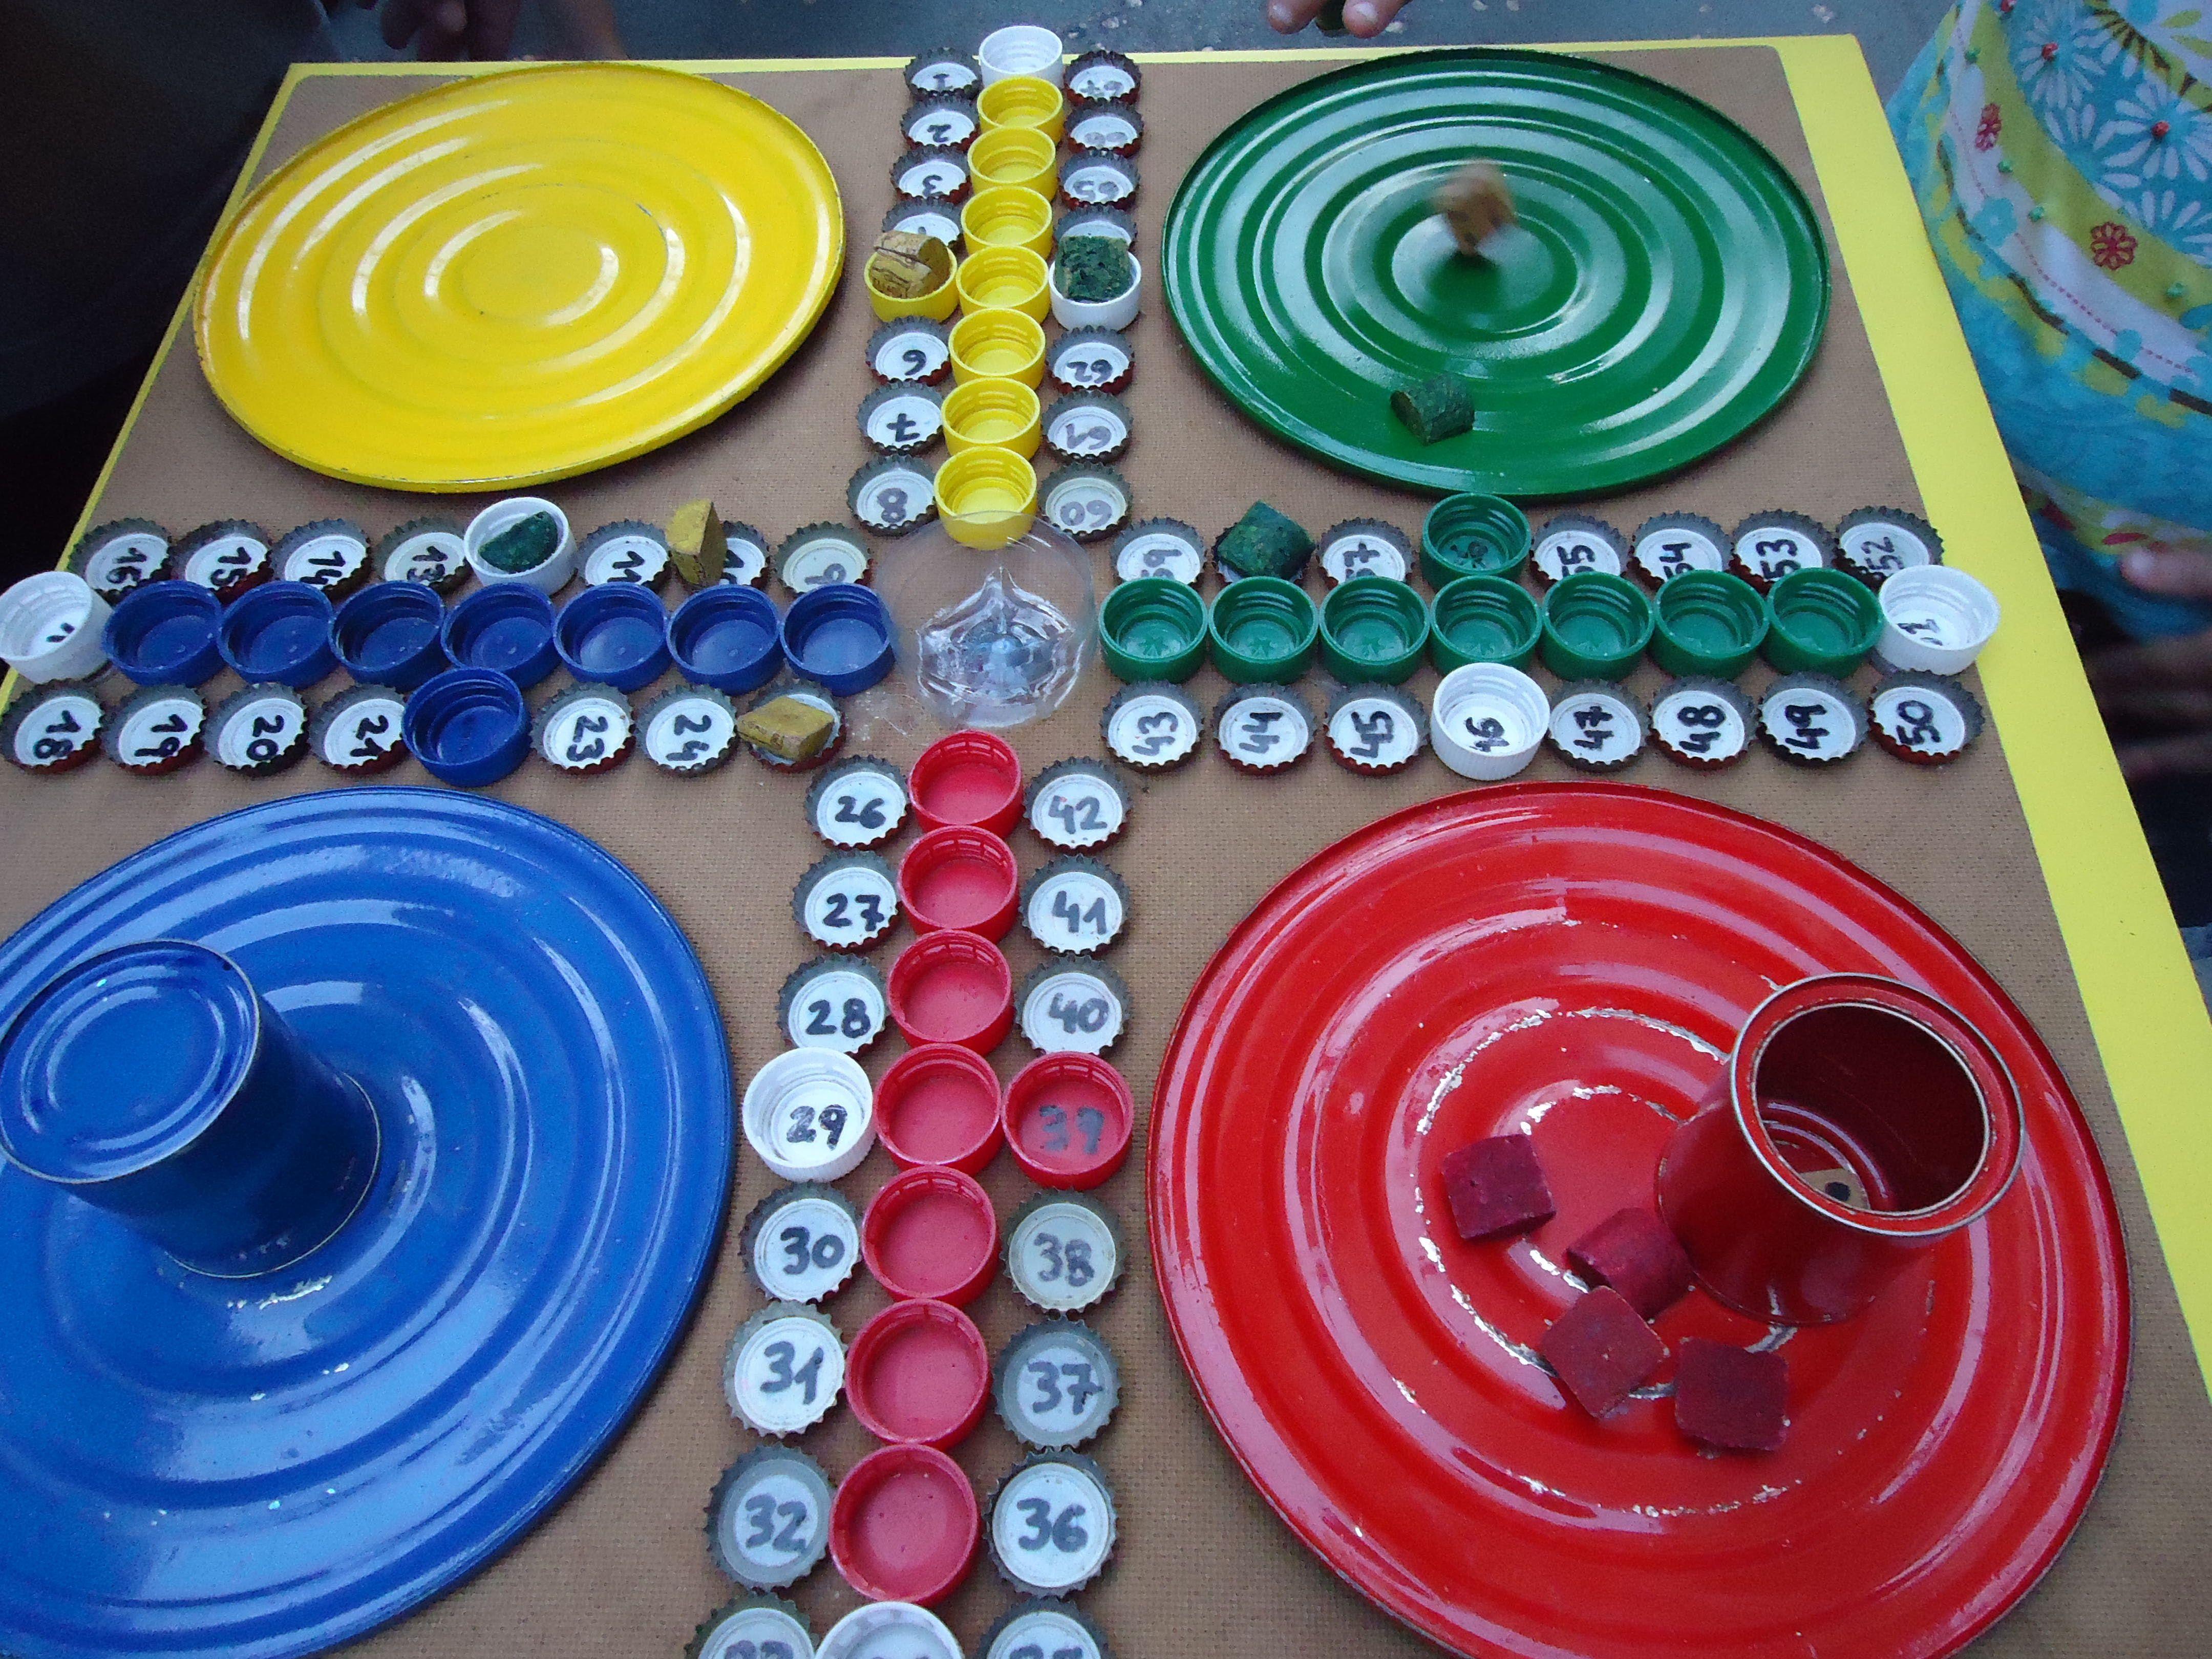 7 Juegos De Mesa Con Materiales Reciclados 1 2 3 Crafty Games